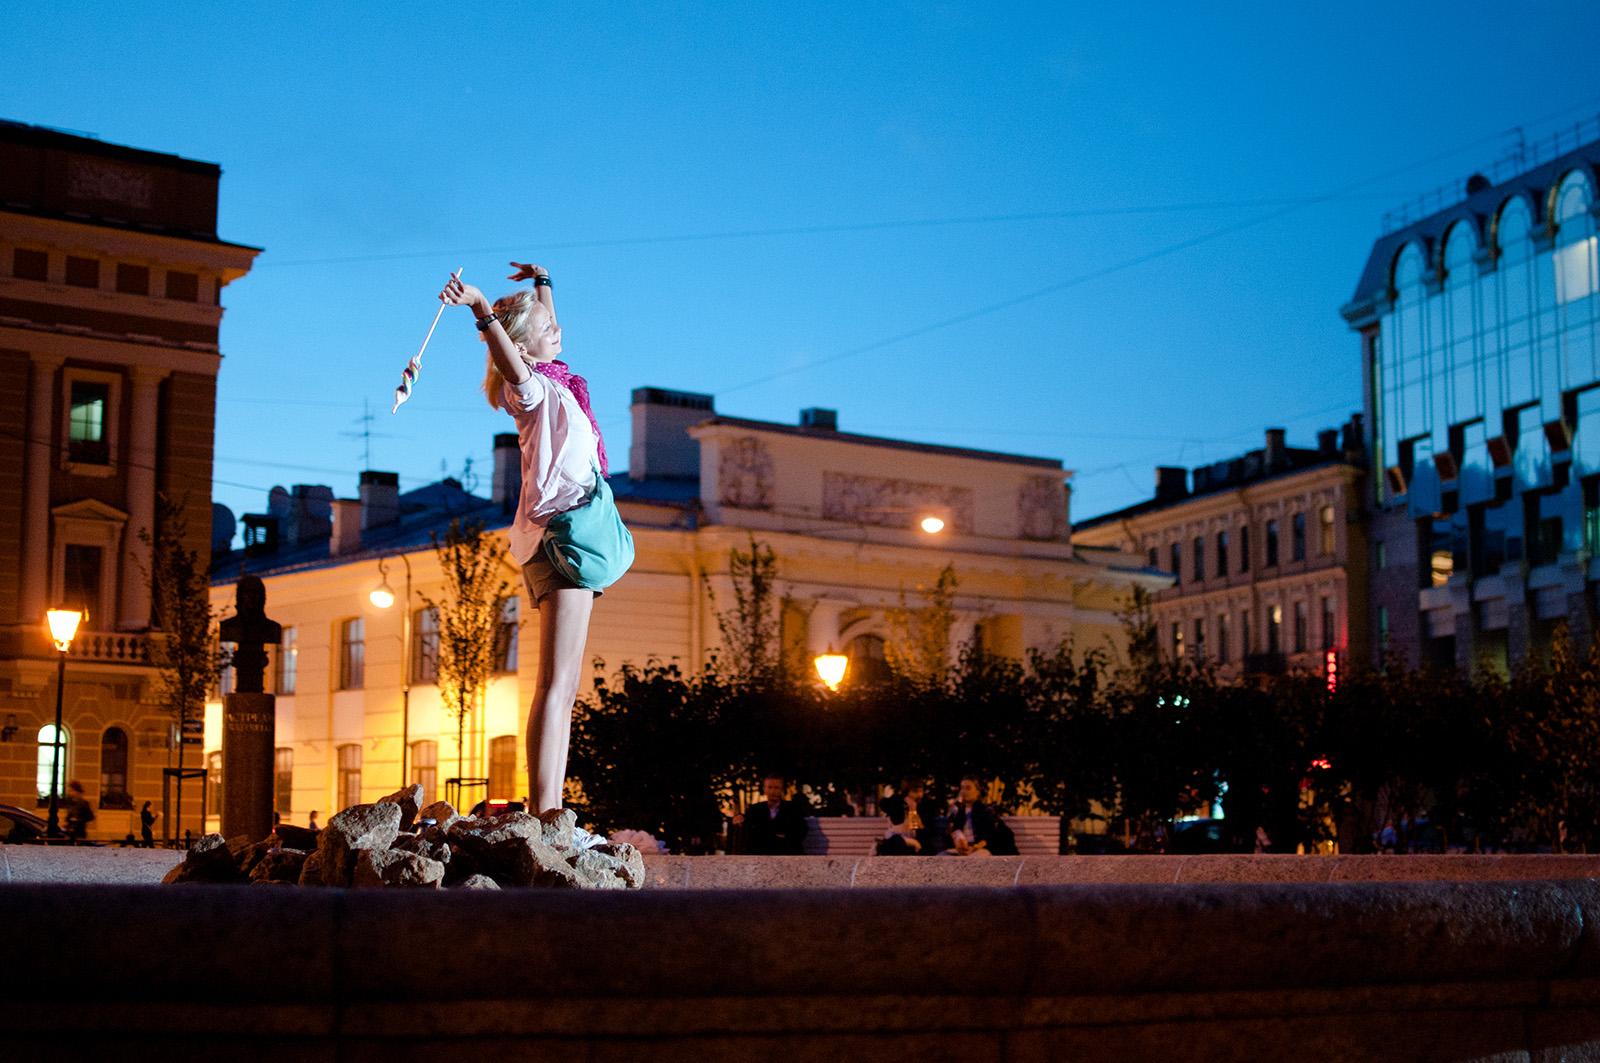 Санкт-Петербург |  St. Petersburg, 2012.